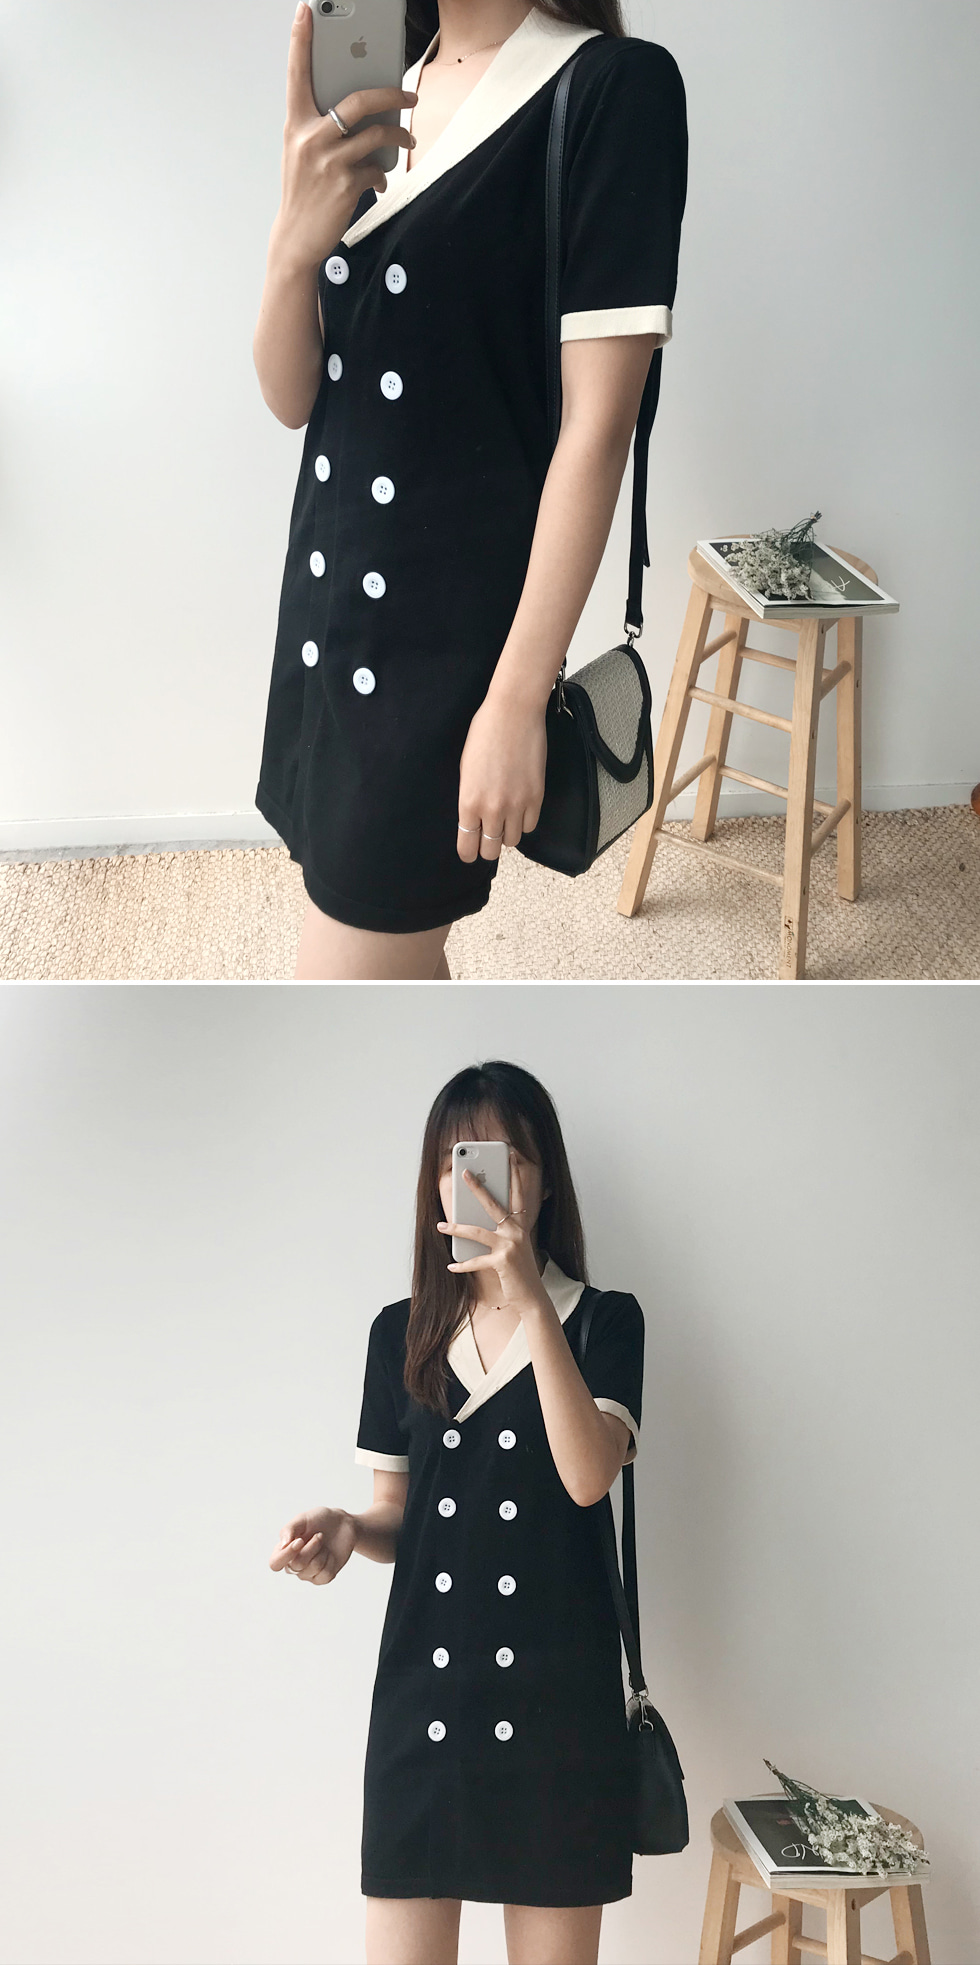 High-knit dress